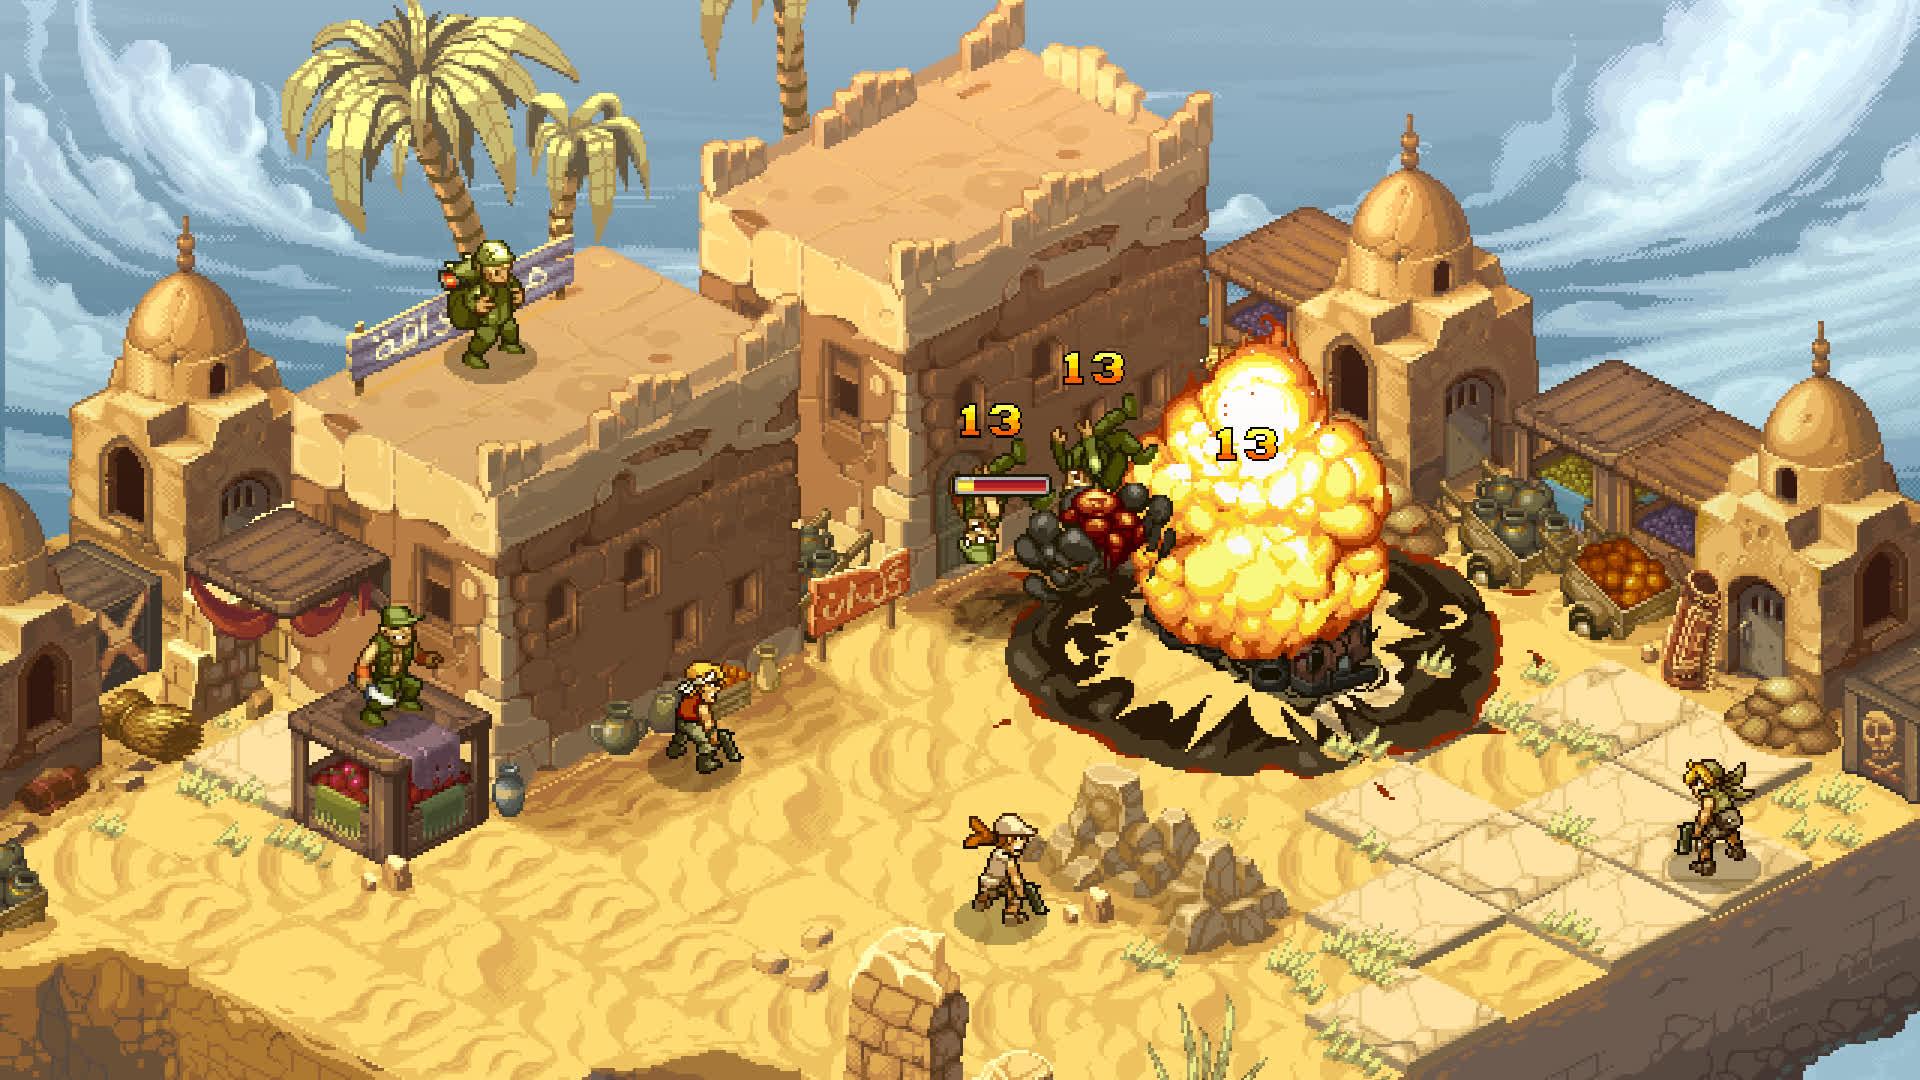 Rambo Lùn bản mới khiến game thủ toàn cầu bất ngờ: từ game xông pha bất cần đời trở thành game chiến thuật - Ảnh 4.